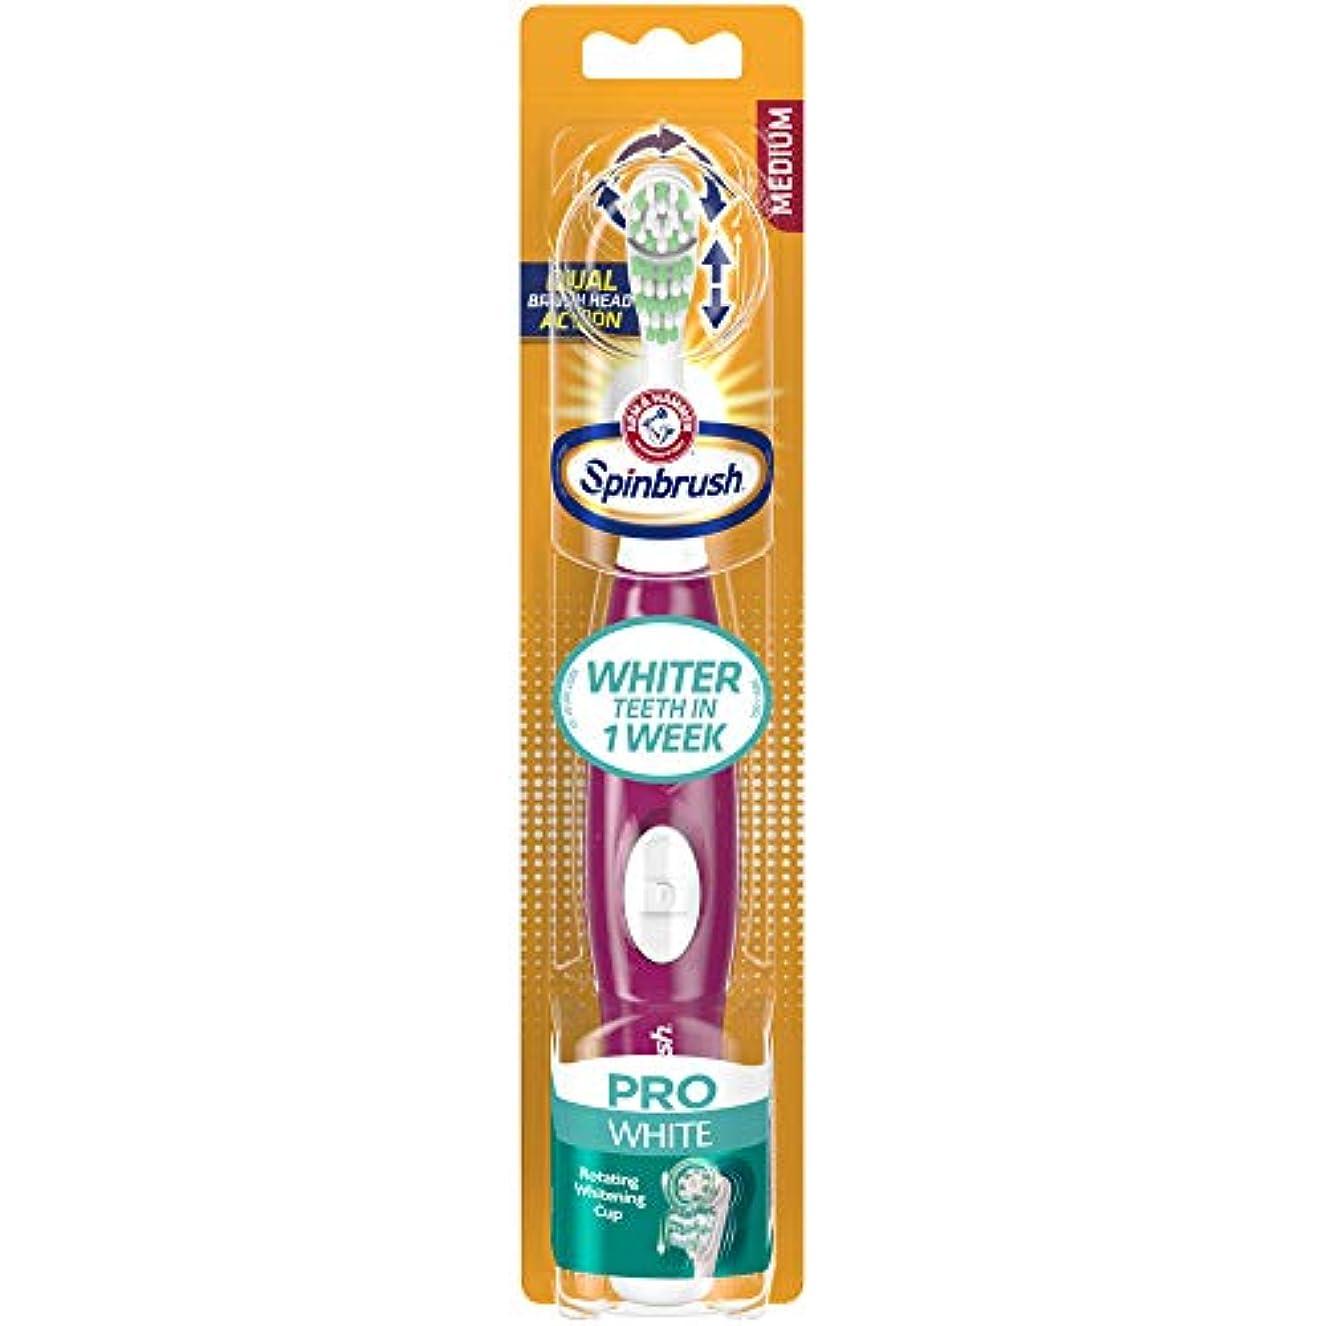 アクションぐったりインフラSpinbrush プロシリーズウルトラホワイト歯ブラシ、中1 Eaは 中